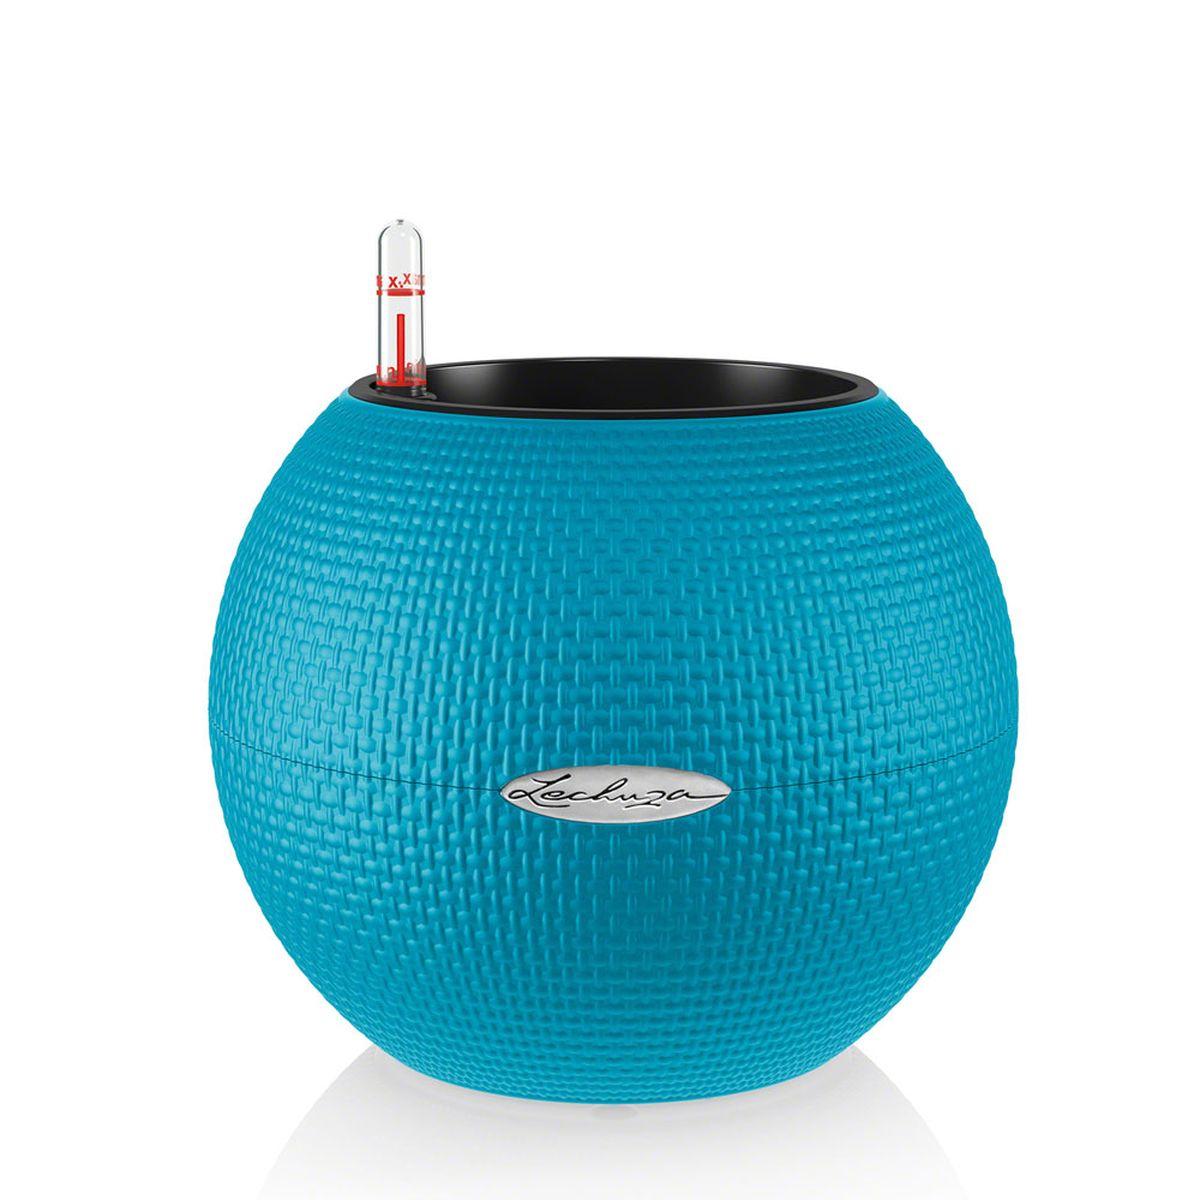 Кашпо Lechuza Color Puro, с системой автополива, цвет: бирюзовый, диаметр 20 смKOC_SOL249_G4Круглое кашпо Lechuza Color Puro, выполненное из высококачественного пластика, имеет уникальную систему автополива, благодаря которой корневая система растения непрерывно снабжается влагой из резервуара. Уровень воды в резервуаре контролируется с помощью специального индикатора. В зависимости от размера кашпо и растения воды хватает на 2-12 недель. Это способствует хорошему росту цветов и предотвращает переувлажнение.В набор входит: кашпо, внутренний горшок, индикатор уровня воды, резервуар для воды. Внутренний горшок, оснащенный выдвижными ручками, обеспечивает:- легкую переноску даже высоких растений;- легкую смену растений;- можно также просто убрать растения на зиму;- винт в днище позволяет стечь излишней дождевой воде наружу.Кашпо Lechuza Color Puro прекрасно впишется в интерьер больших холлов, террас ресторанов и уютных гостиных. Изделие поможет расставить нужные акценты и придаст помещению вид, соответствующий вашим представлениям.